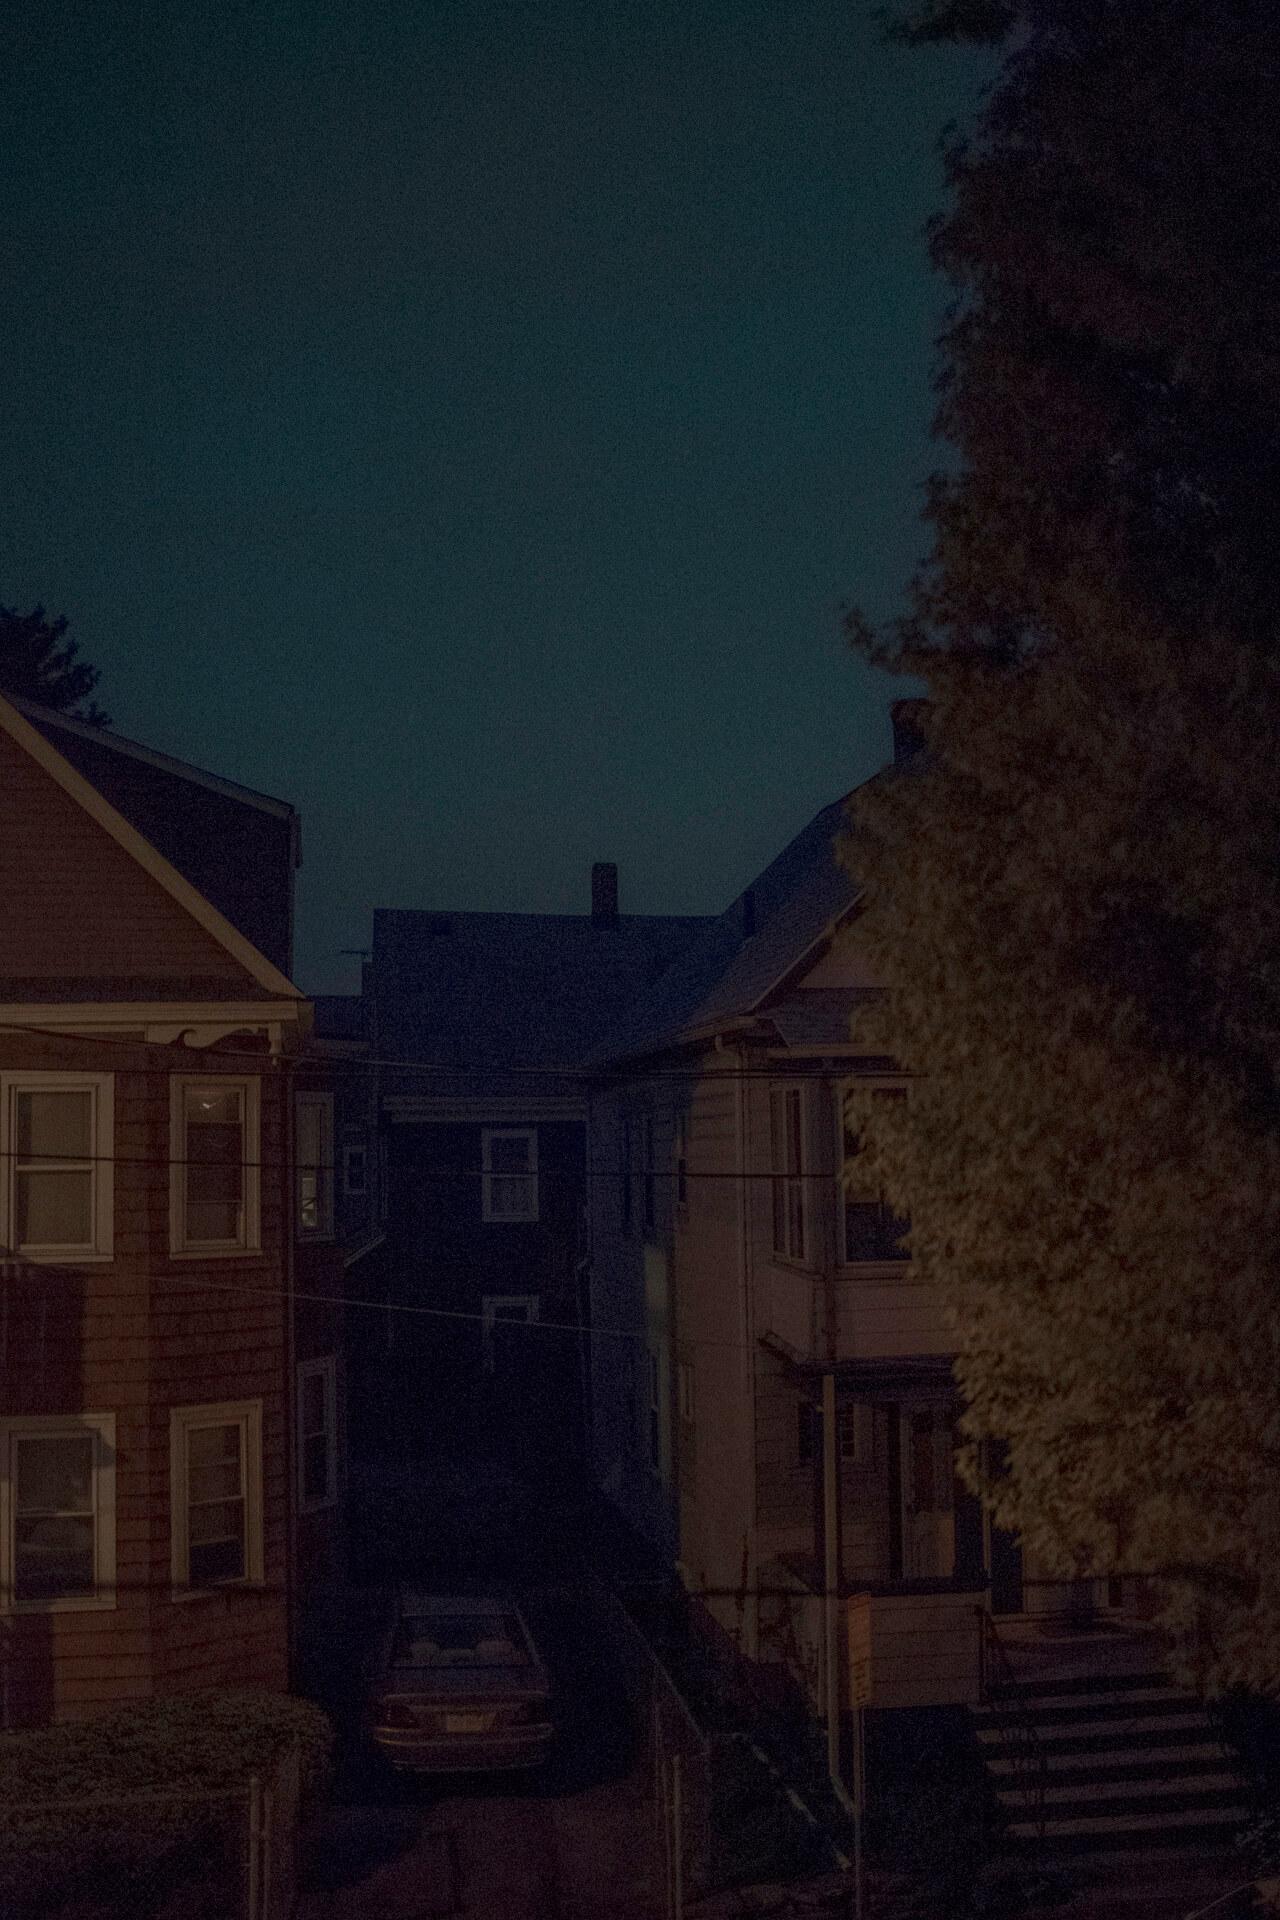 Somerville, Massachusetts, 2013.